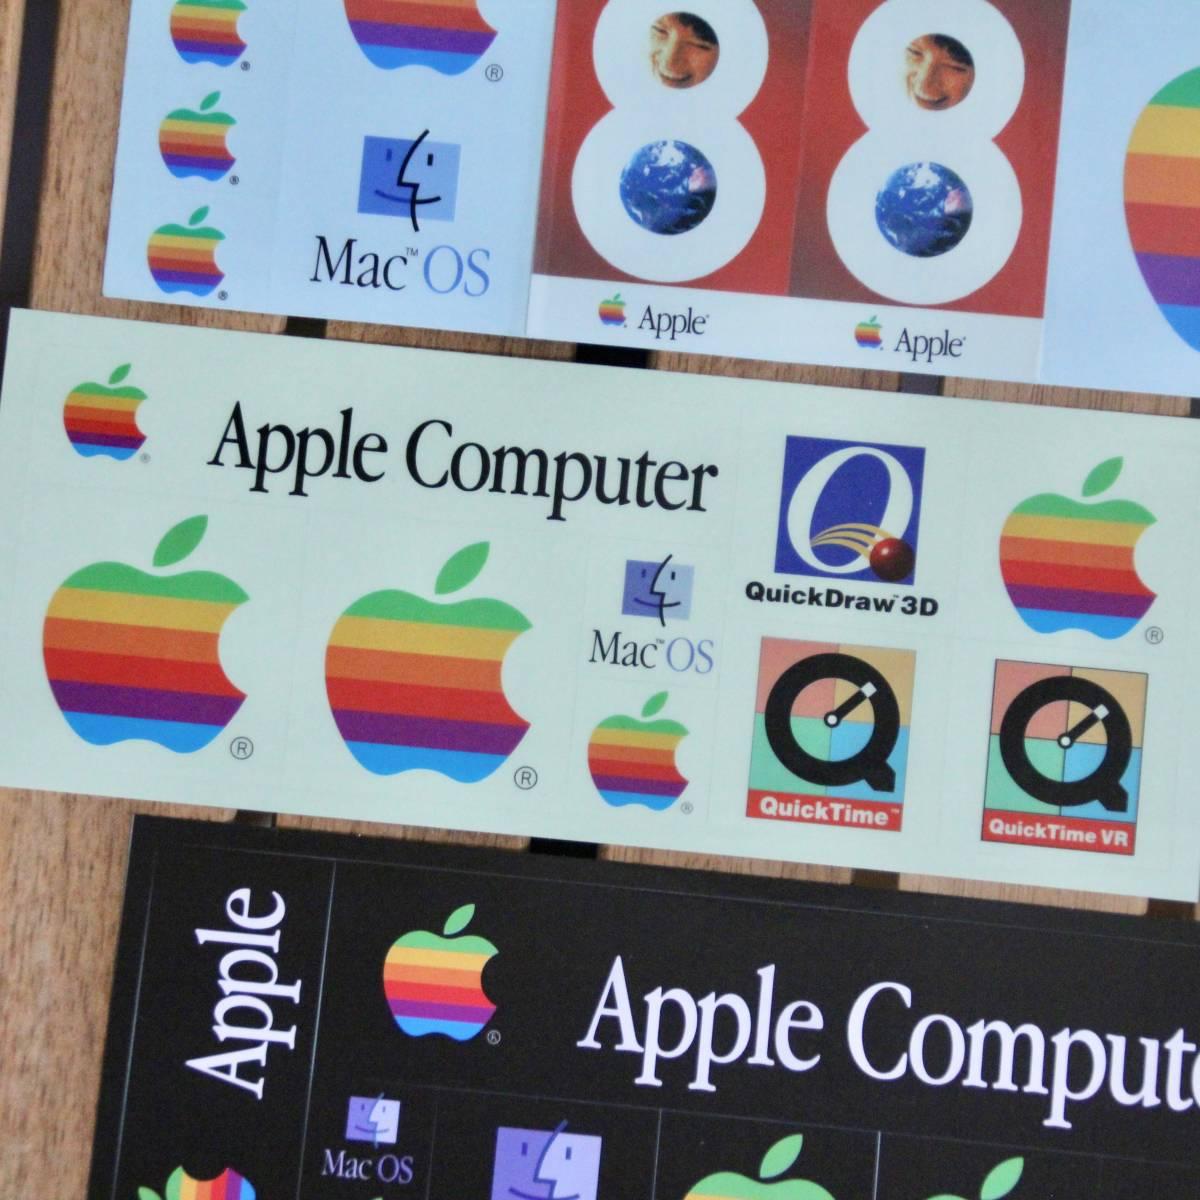 デッドストック Apple Computer アップル コンピューター レインボー ロゴ Mac OS ステッカーセット 非売品 ノベルティー Think Different_画像4